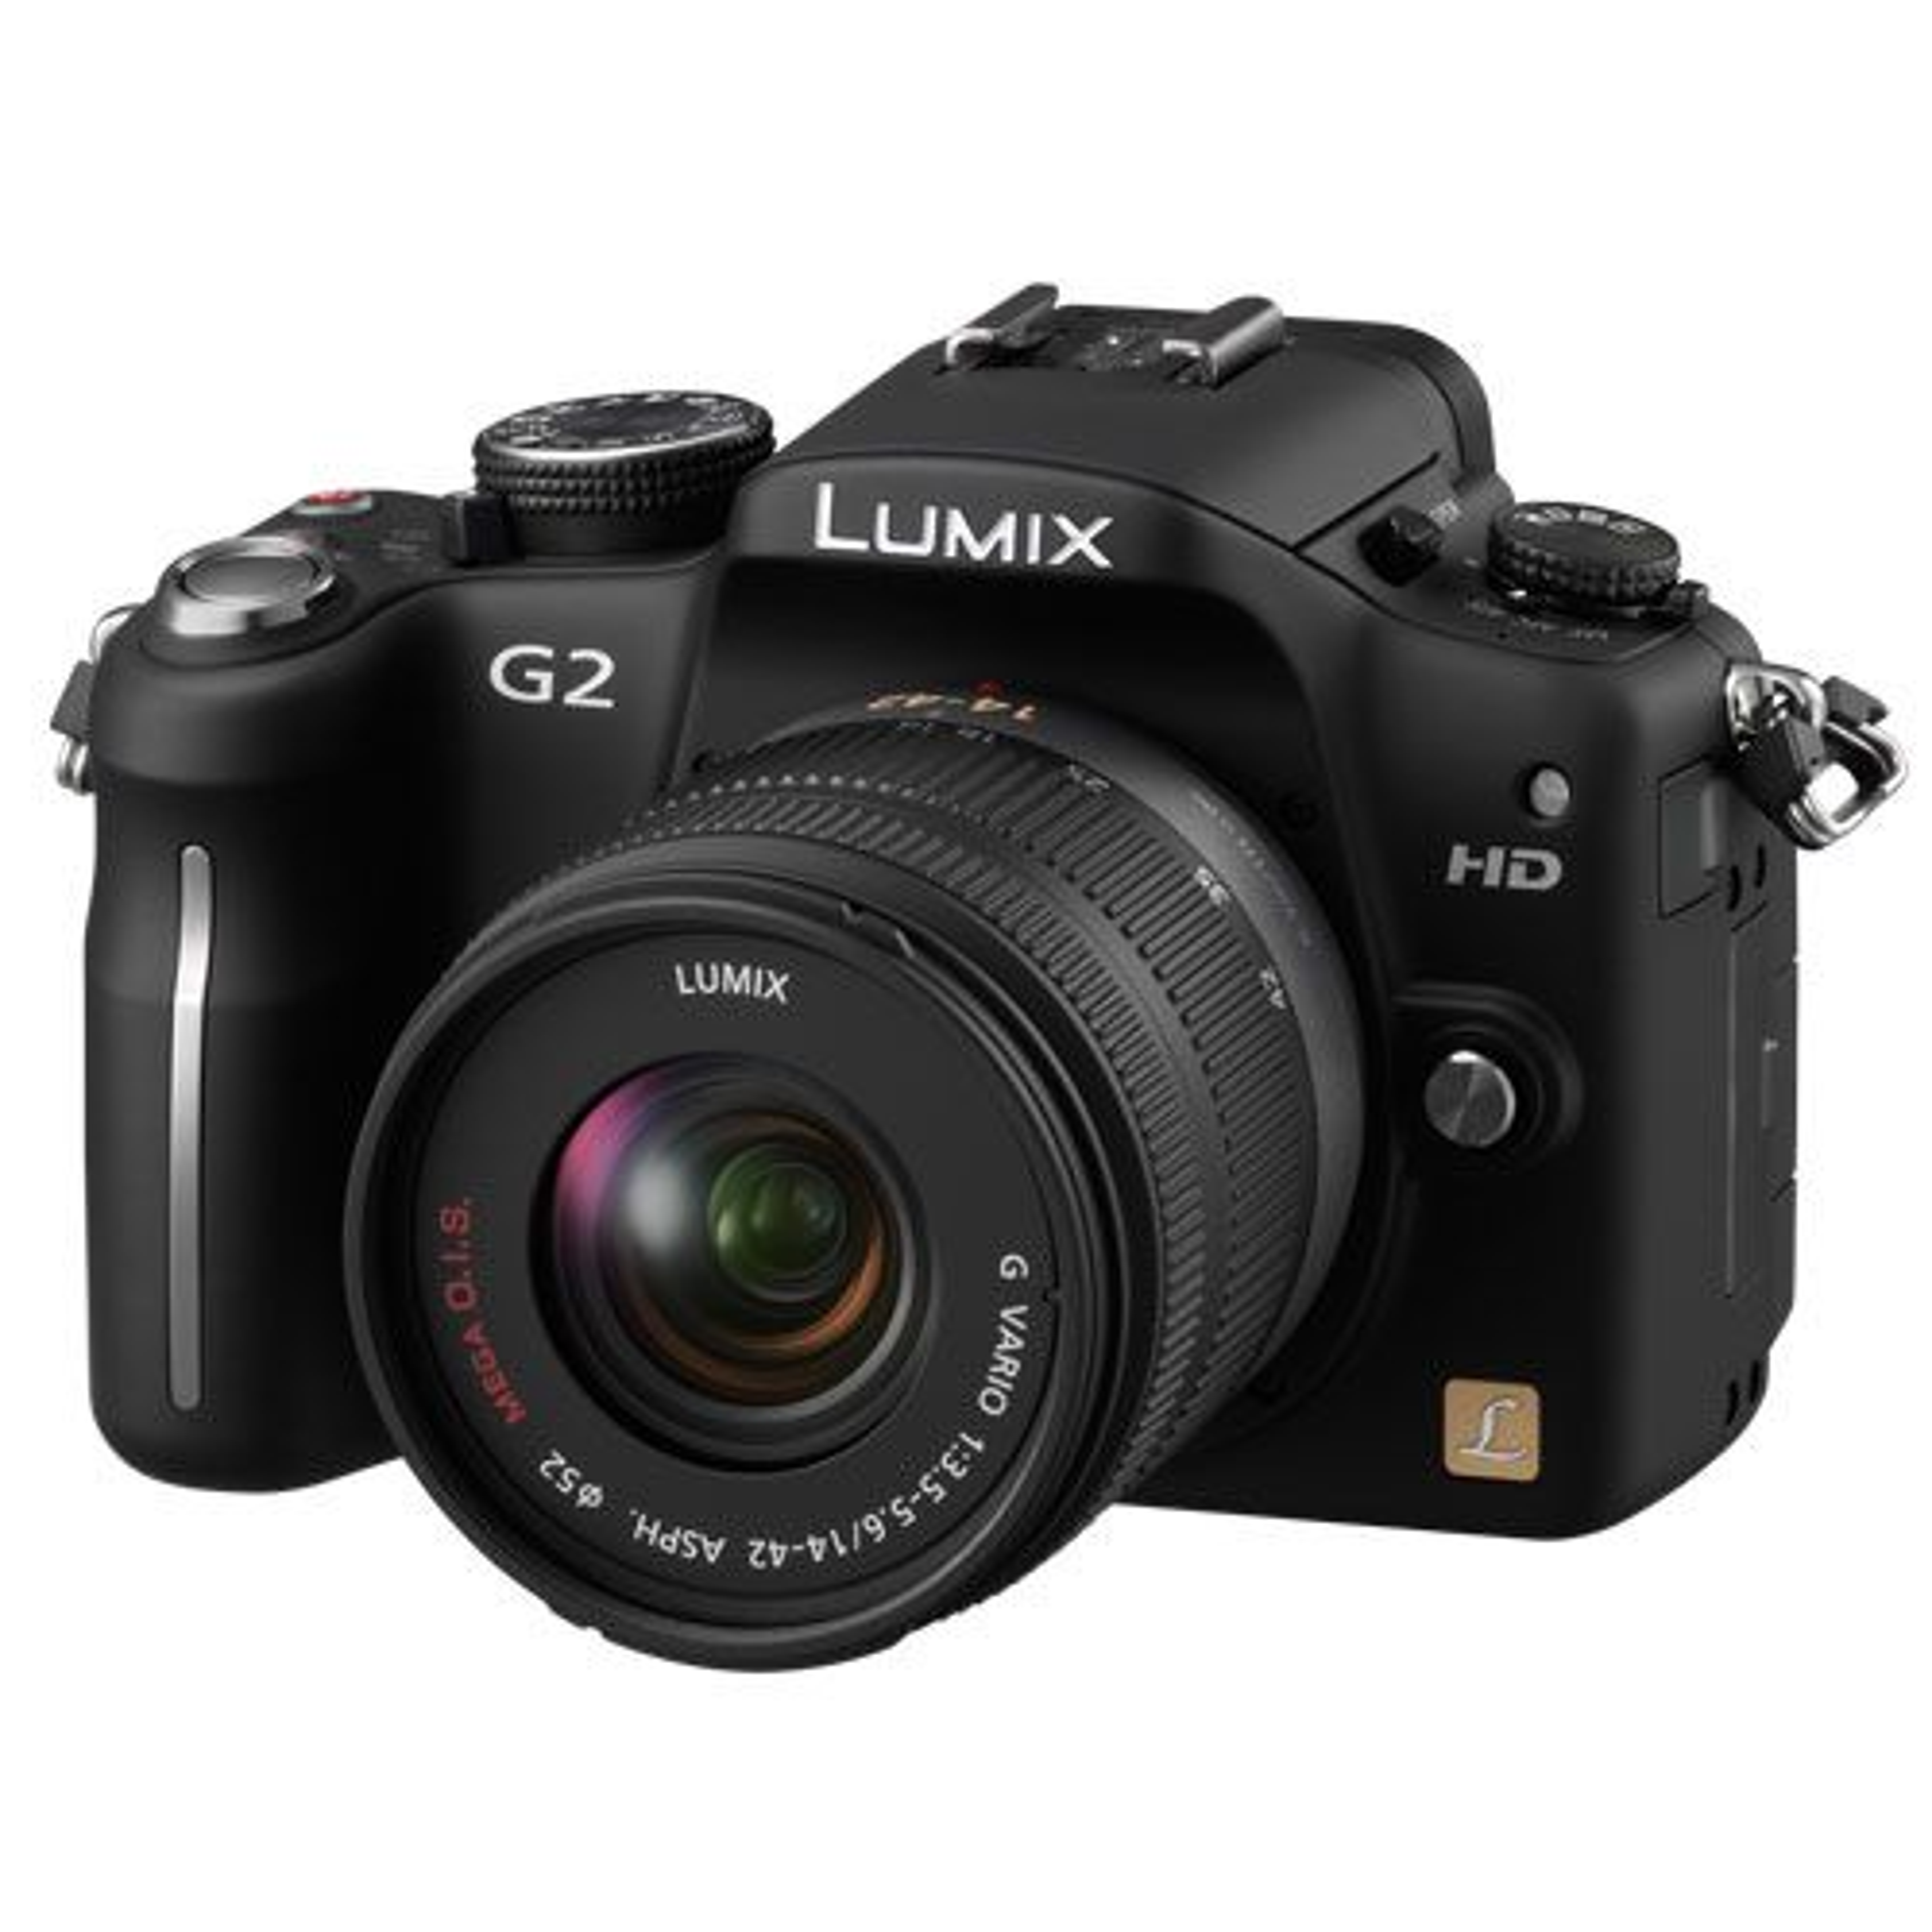 Nytt kamera og nytt kit-objektiv.